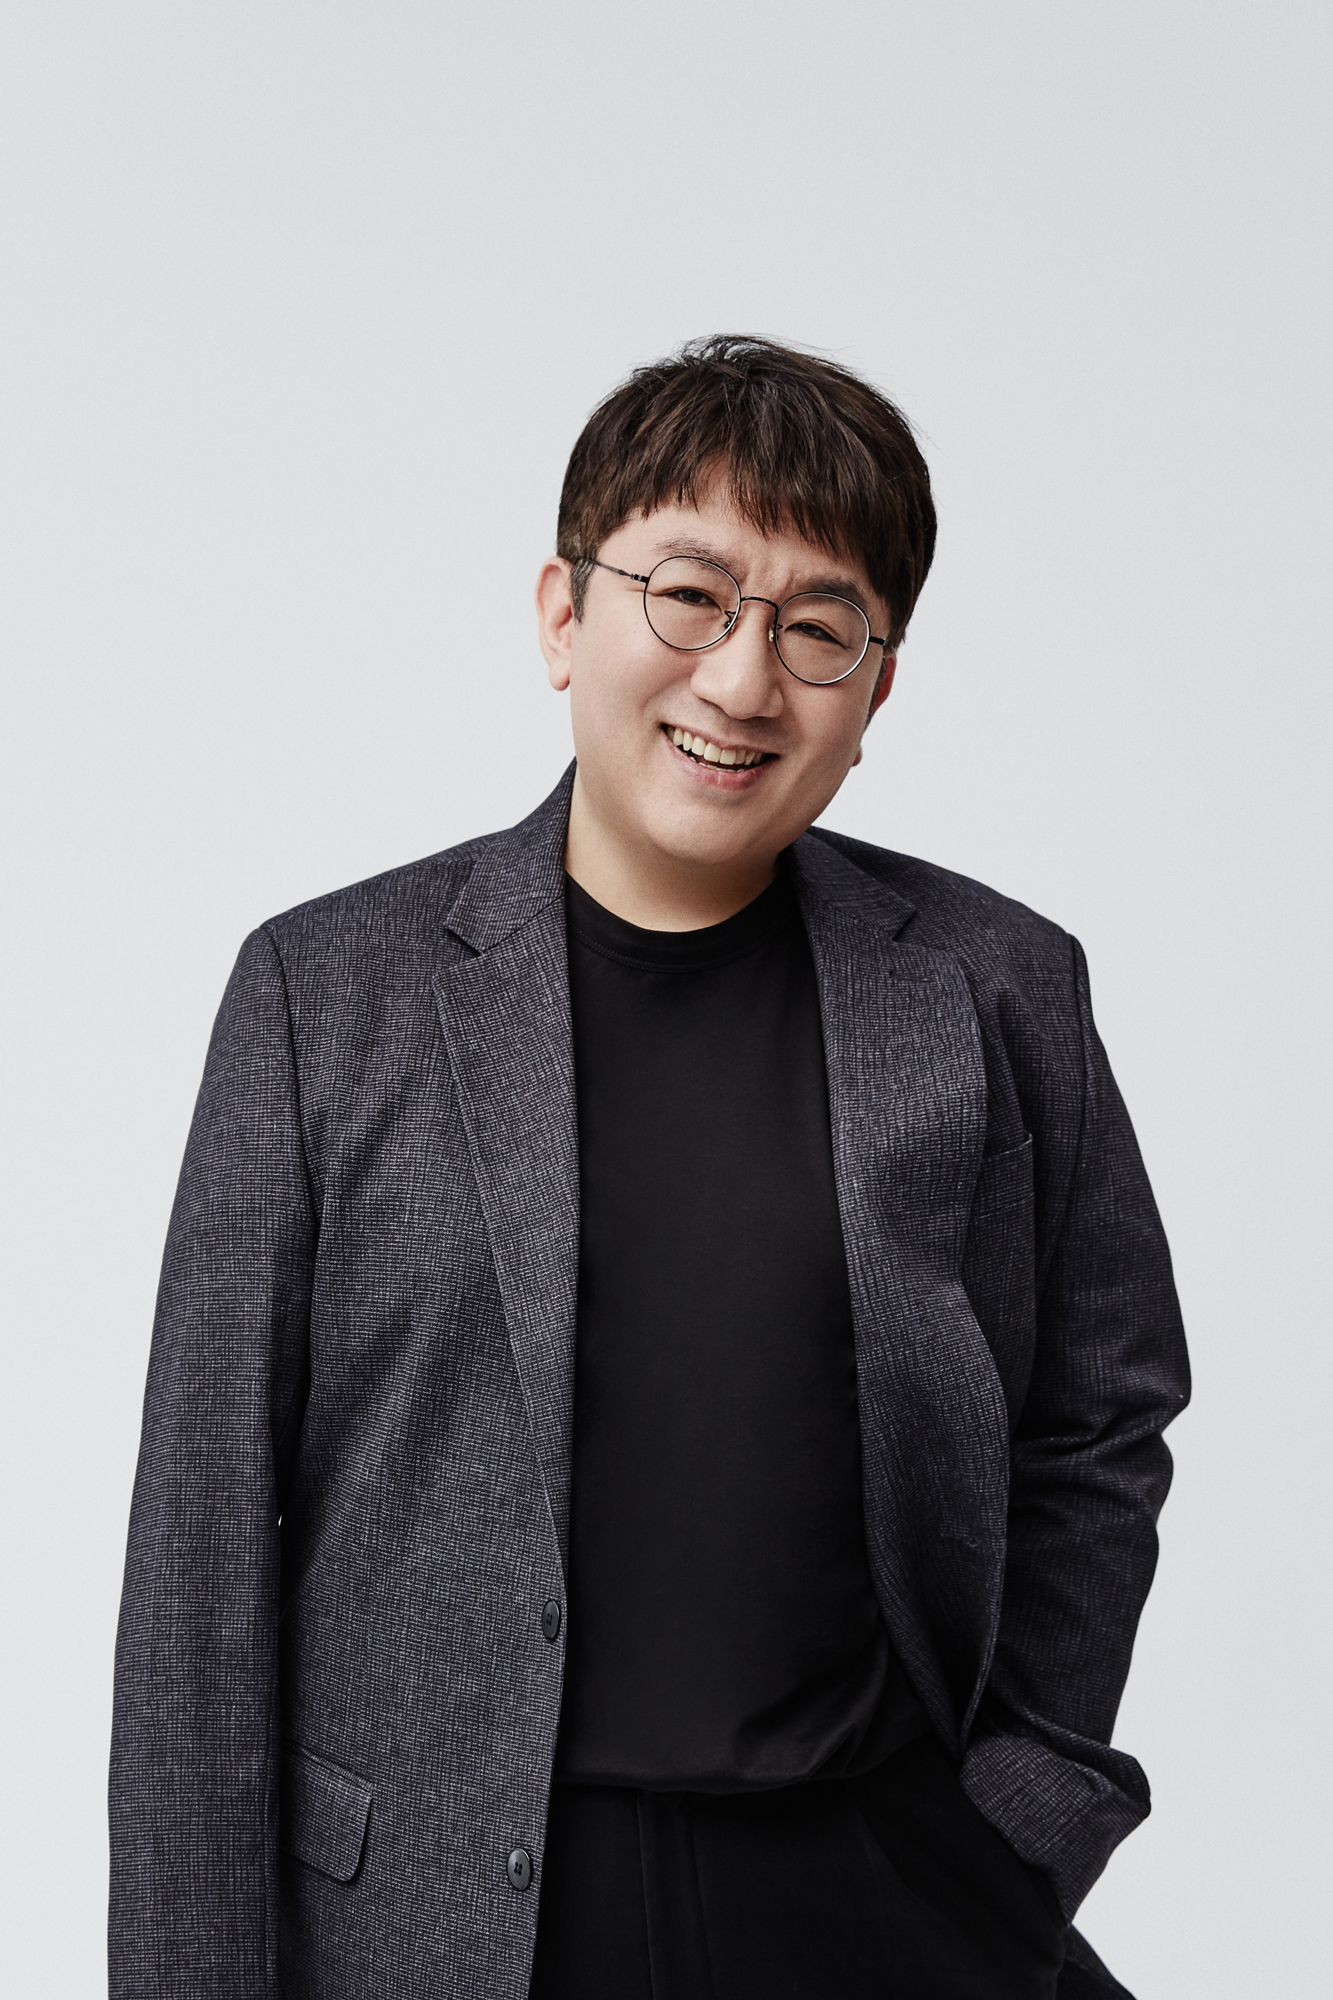 '방탄소년단 프로듀서' 방시혁, 美 빌보드 '인터내셔널 파워 플레이어스' 선정!